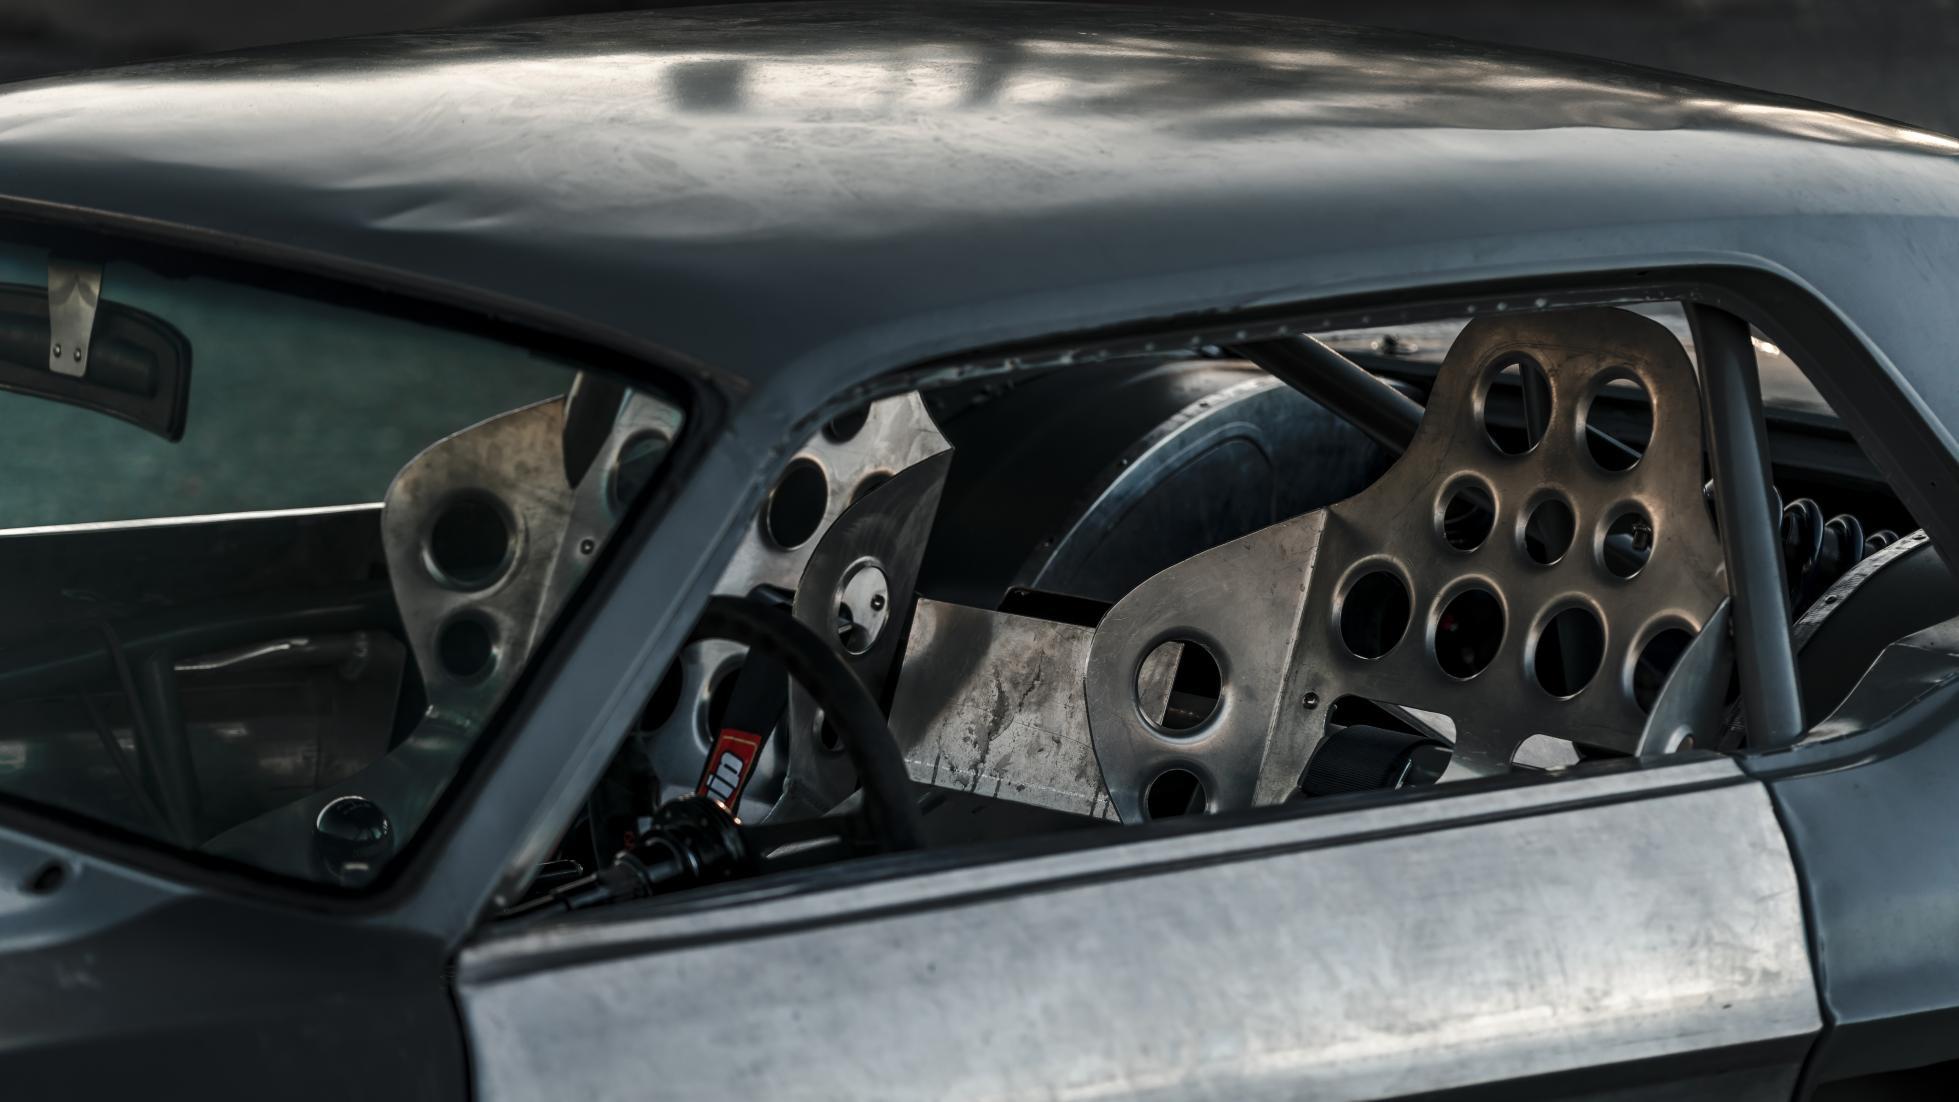 Cool Ford Mustang Hot Rod Fetaste byg hittills Motorworld